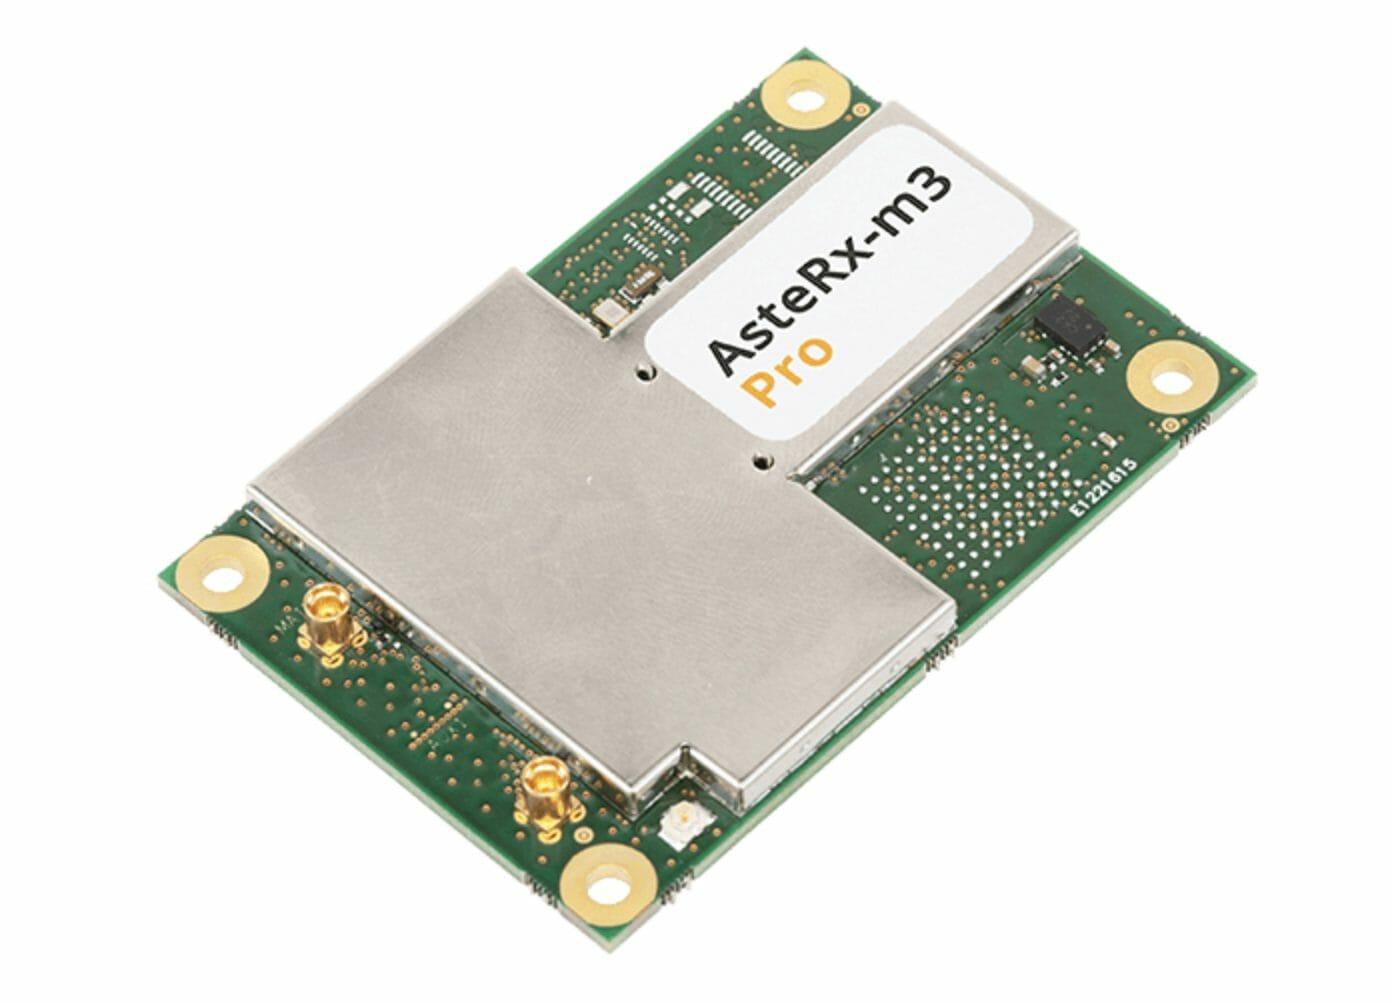 AsteRx-m3 Pro Septentrio rover receiver